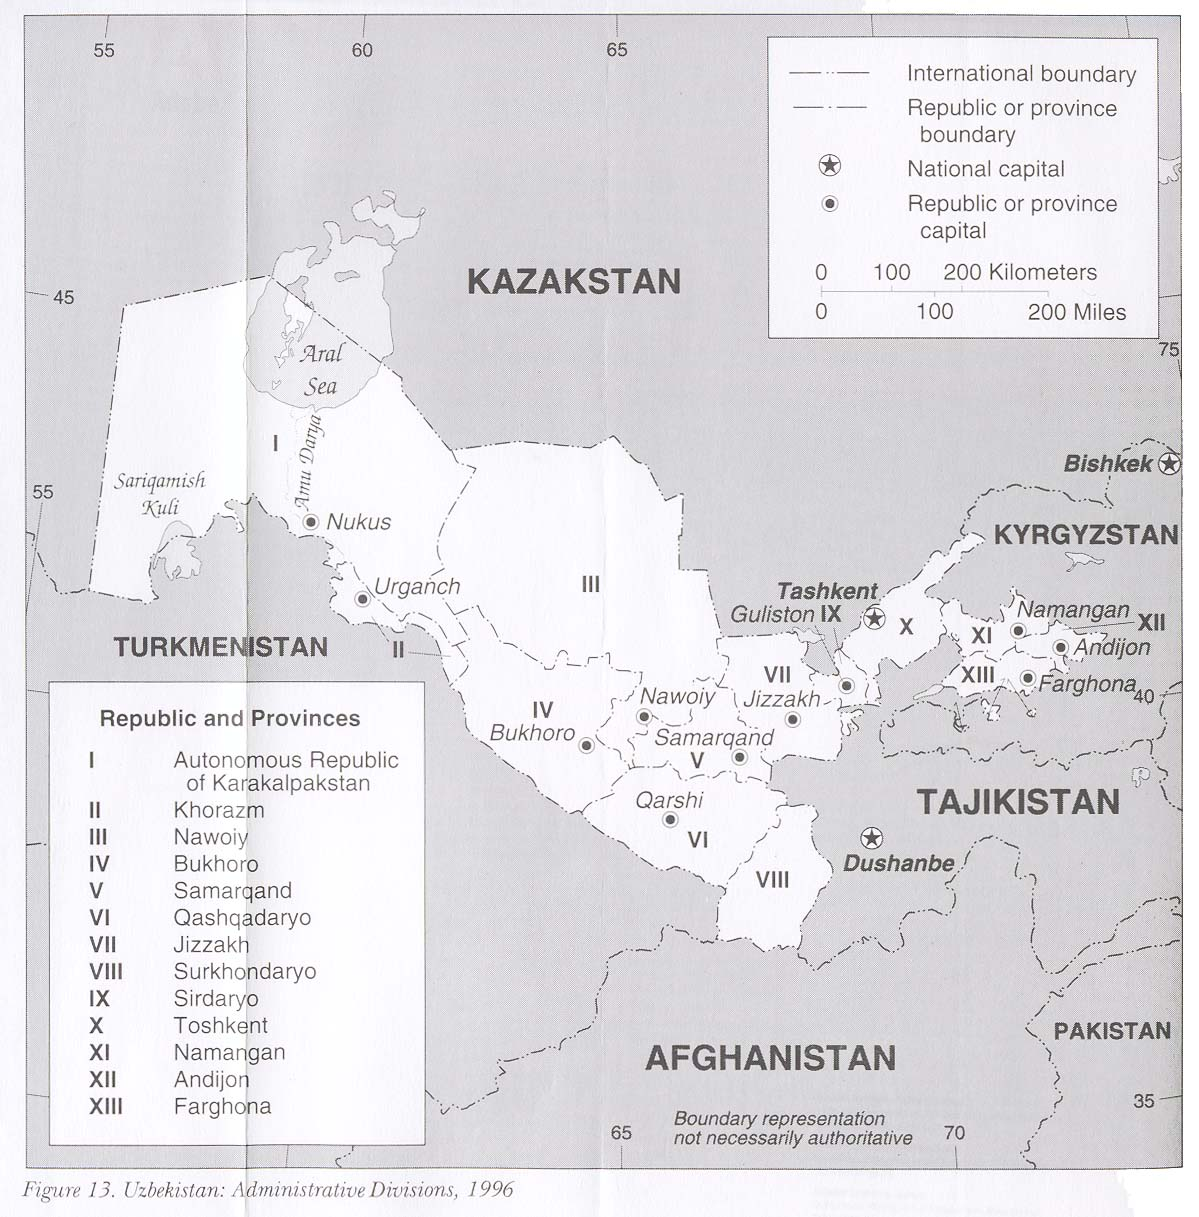 Mapa de las Divisiones Administrativas de Uzbekistán